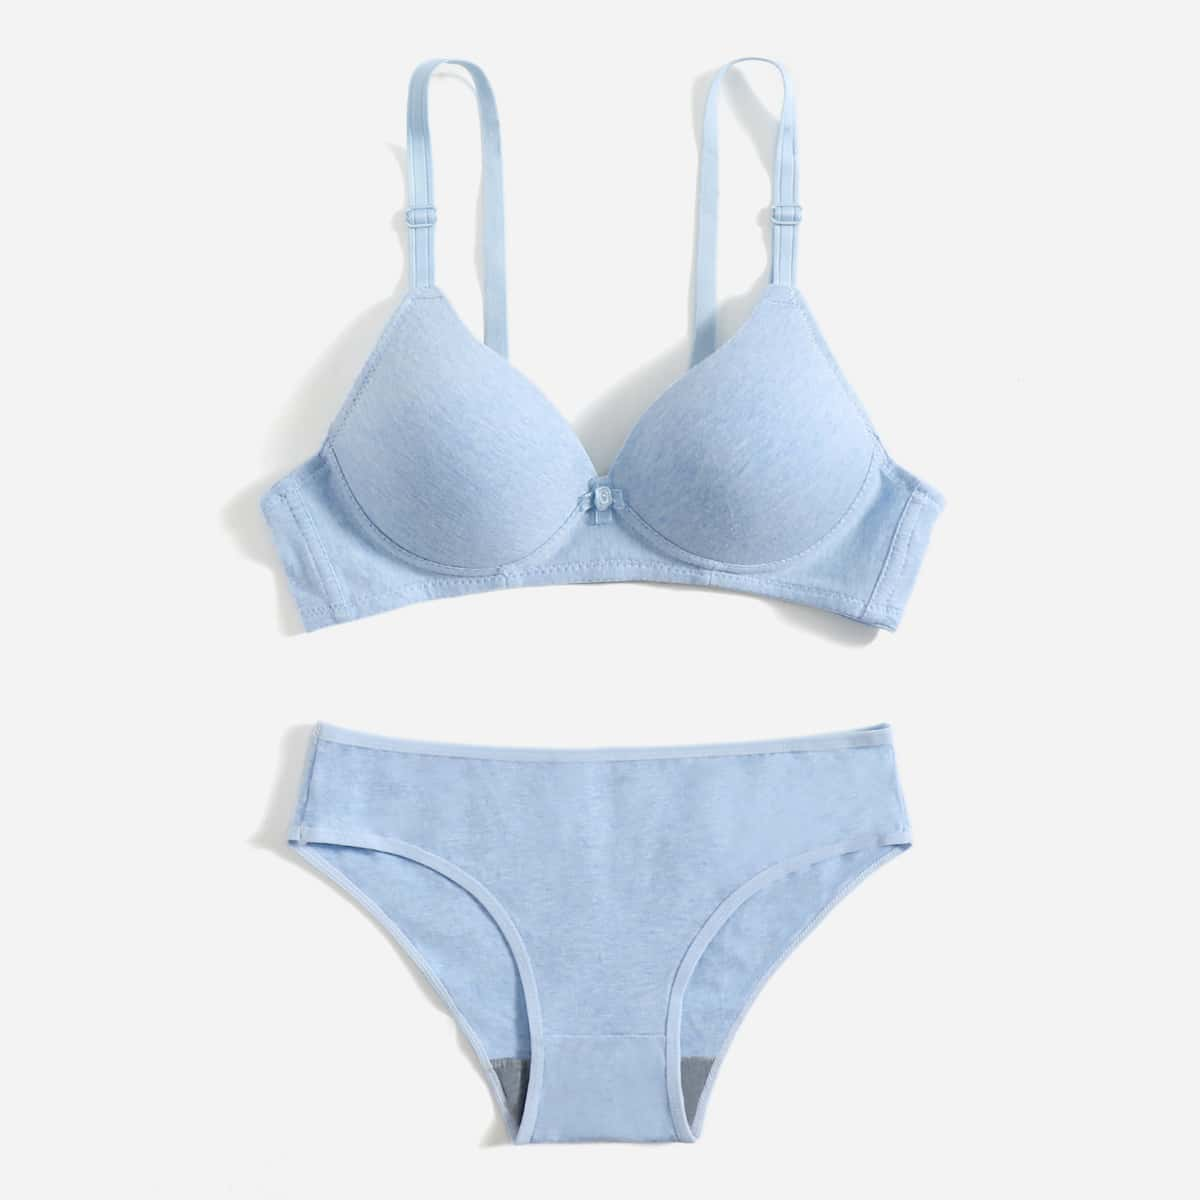 Синий одноцветный минимализм комплект нижнего белья